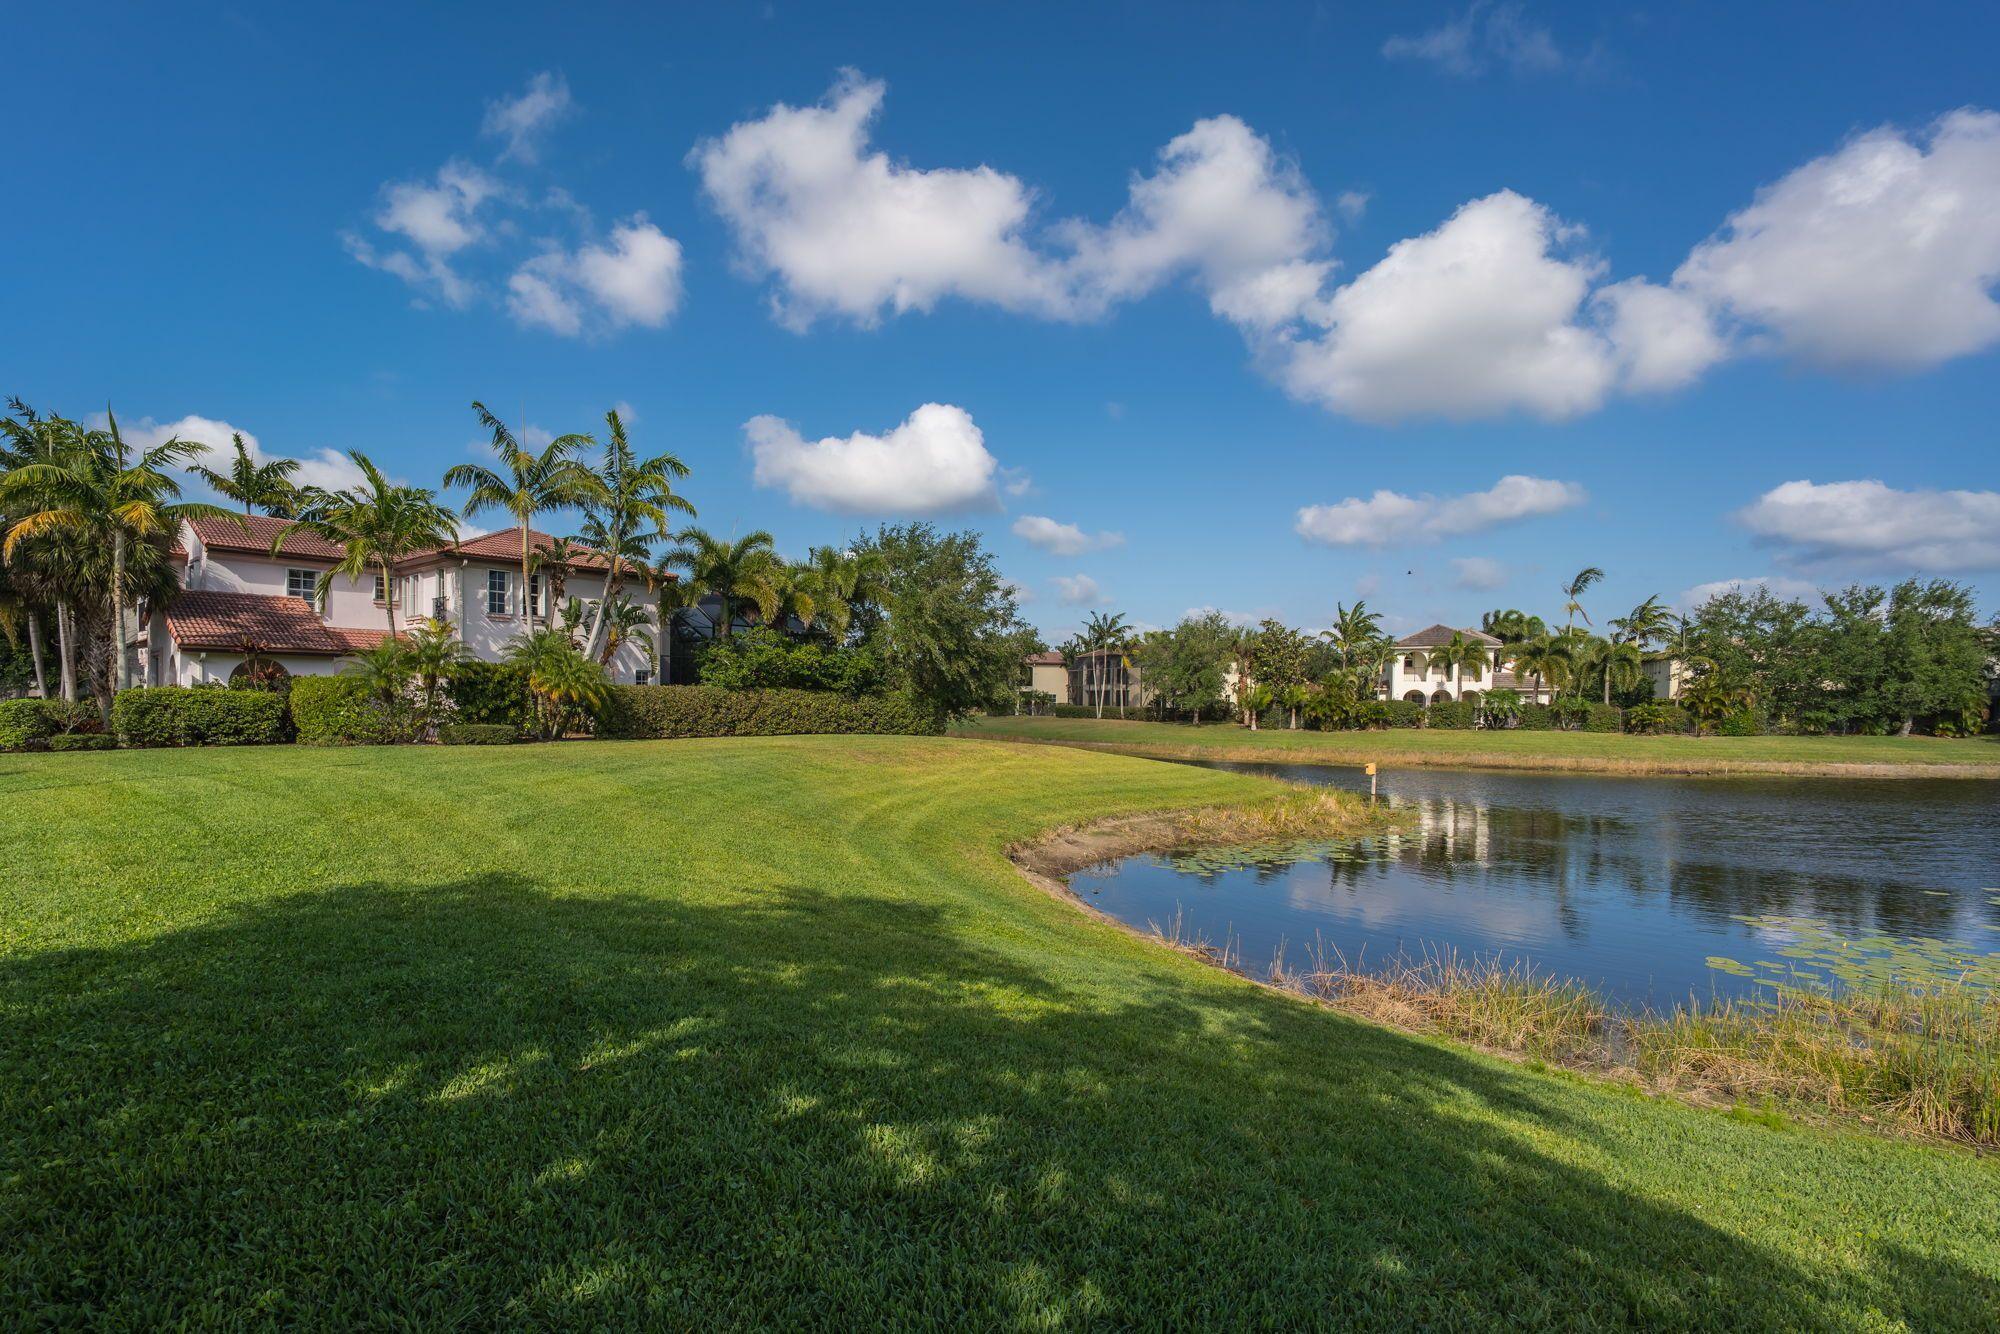 0c039140ad4cc0f4095175d62f7389e0 - Homes For Rent Evergrene Palm Beach Gardens